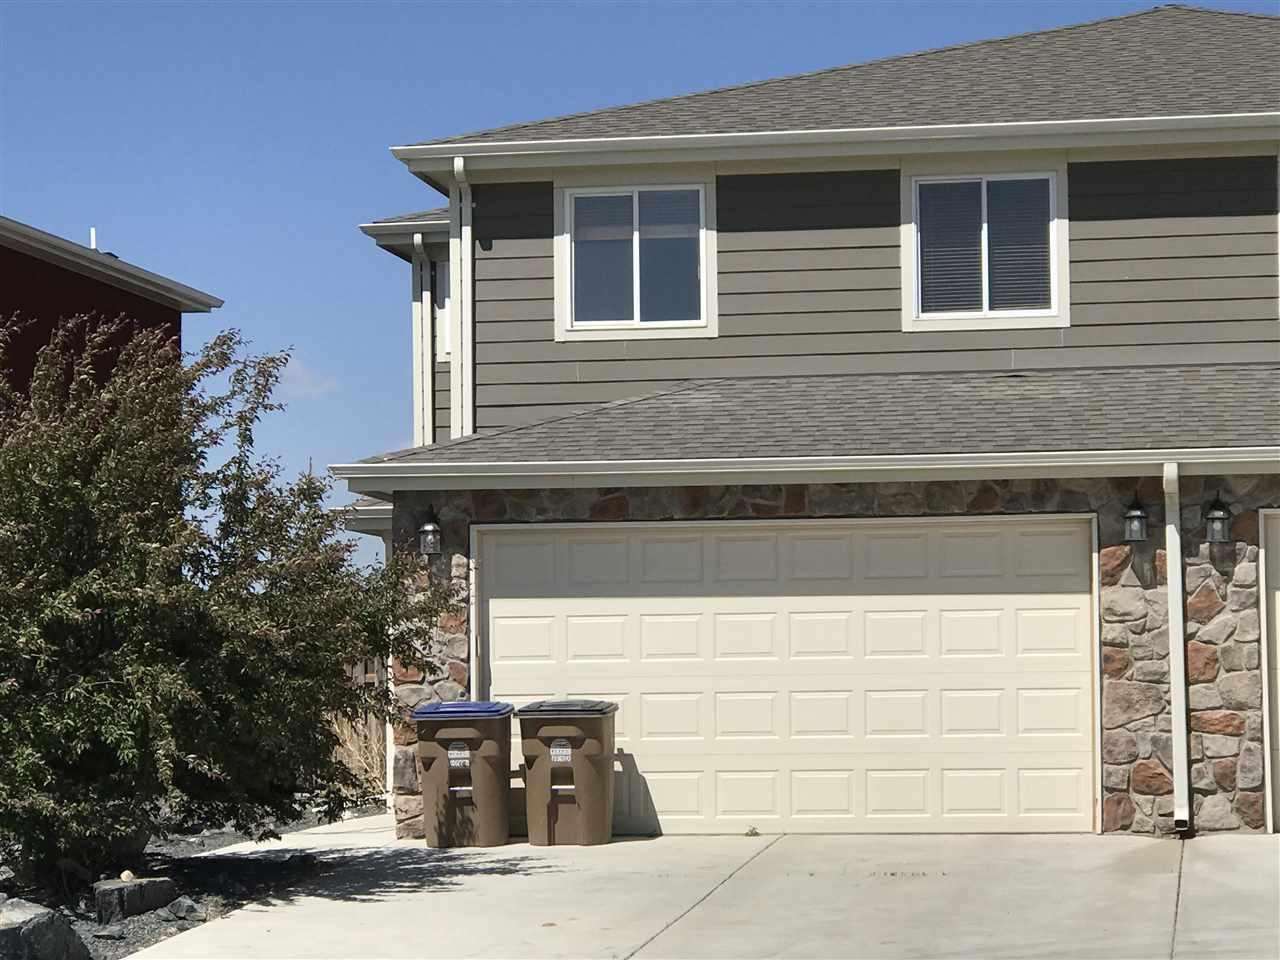 618 Colorado, Laramie, WY 82070